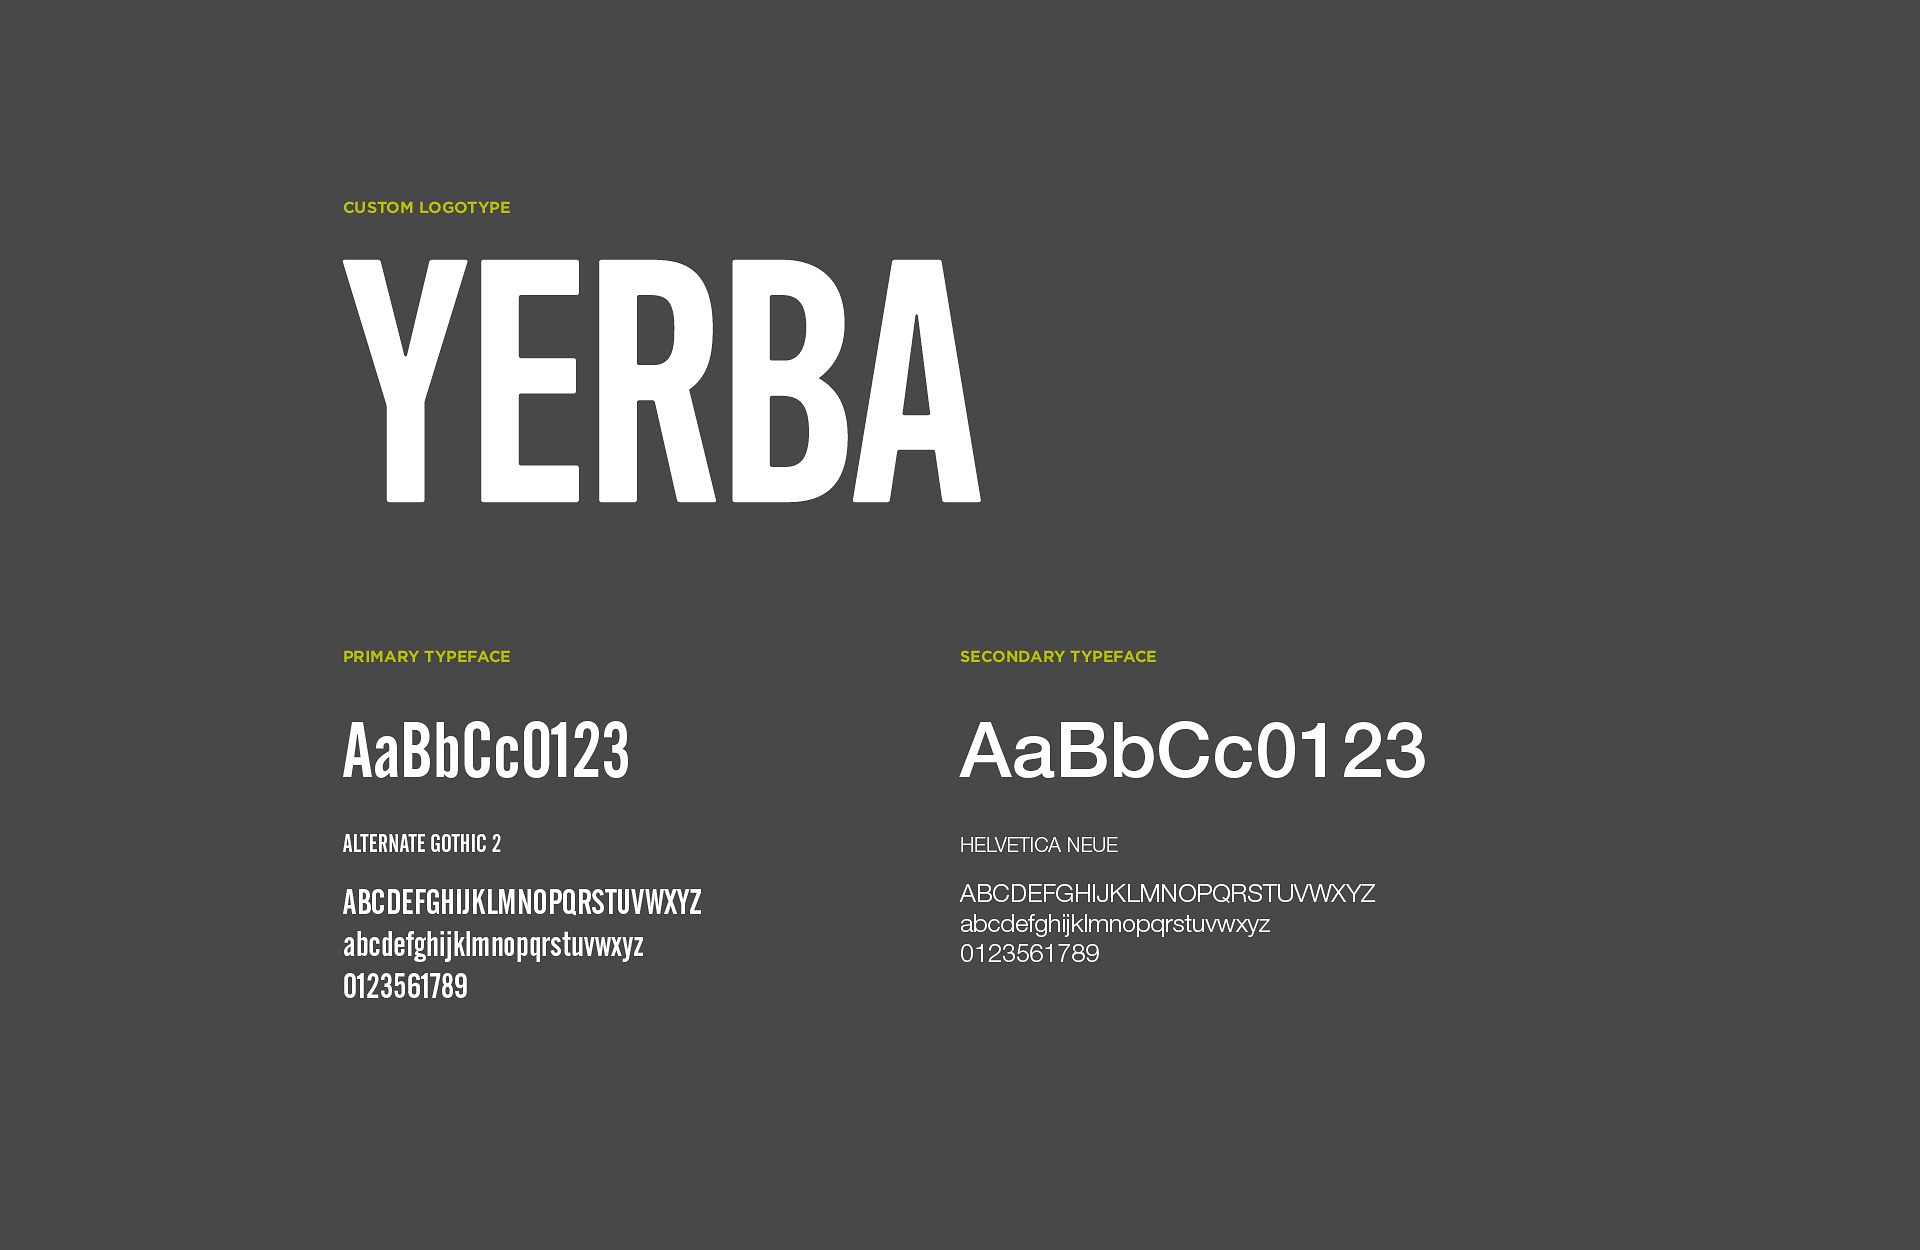 YERBA_type